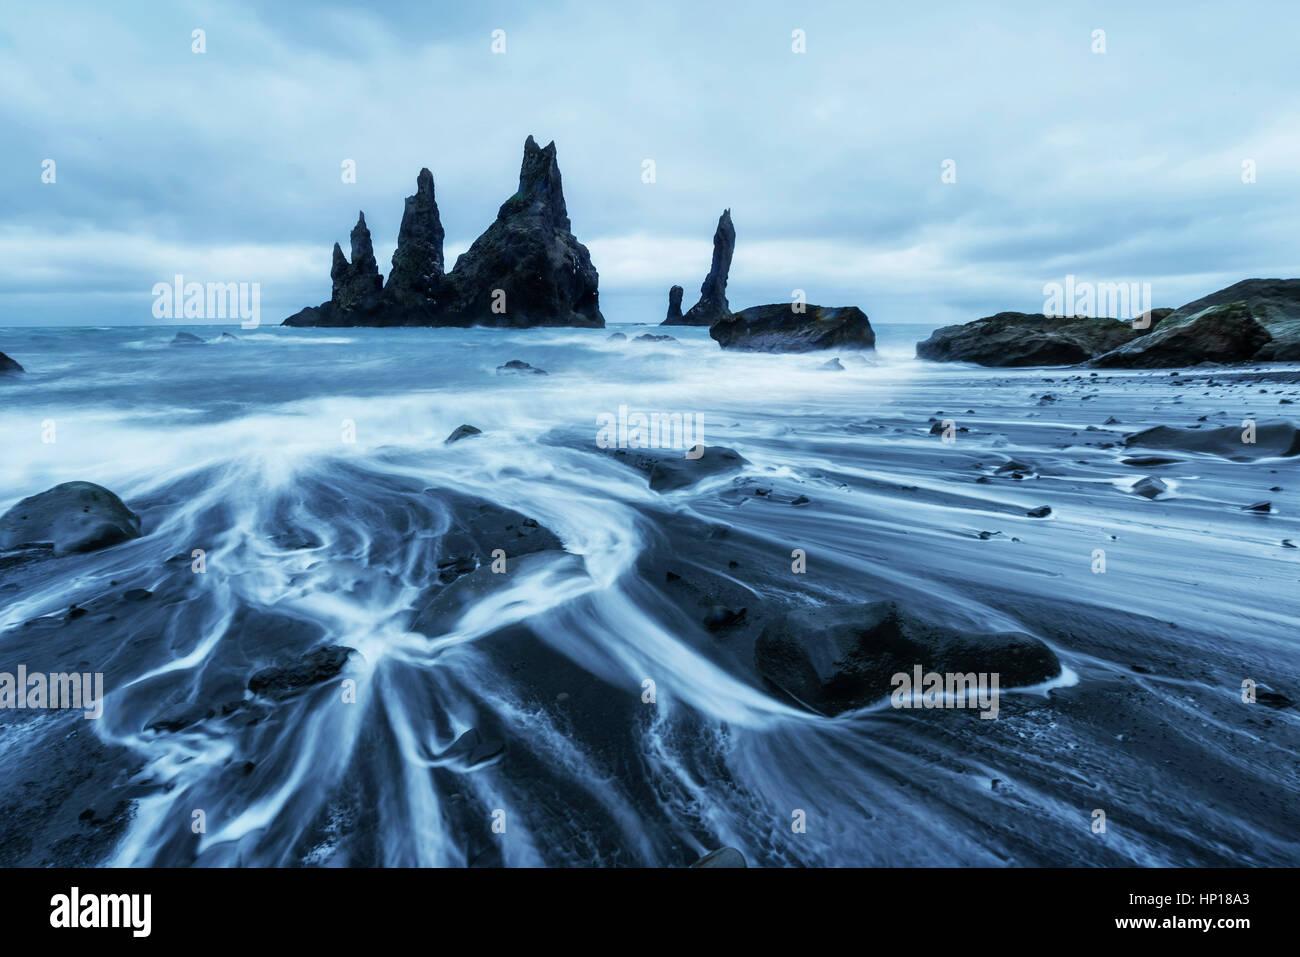 Le Troll Rock orteils. Falaises de Reynisdrangar. Plage de sable noir Photo Stock